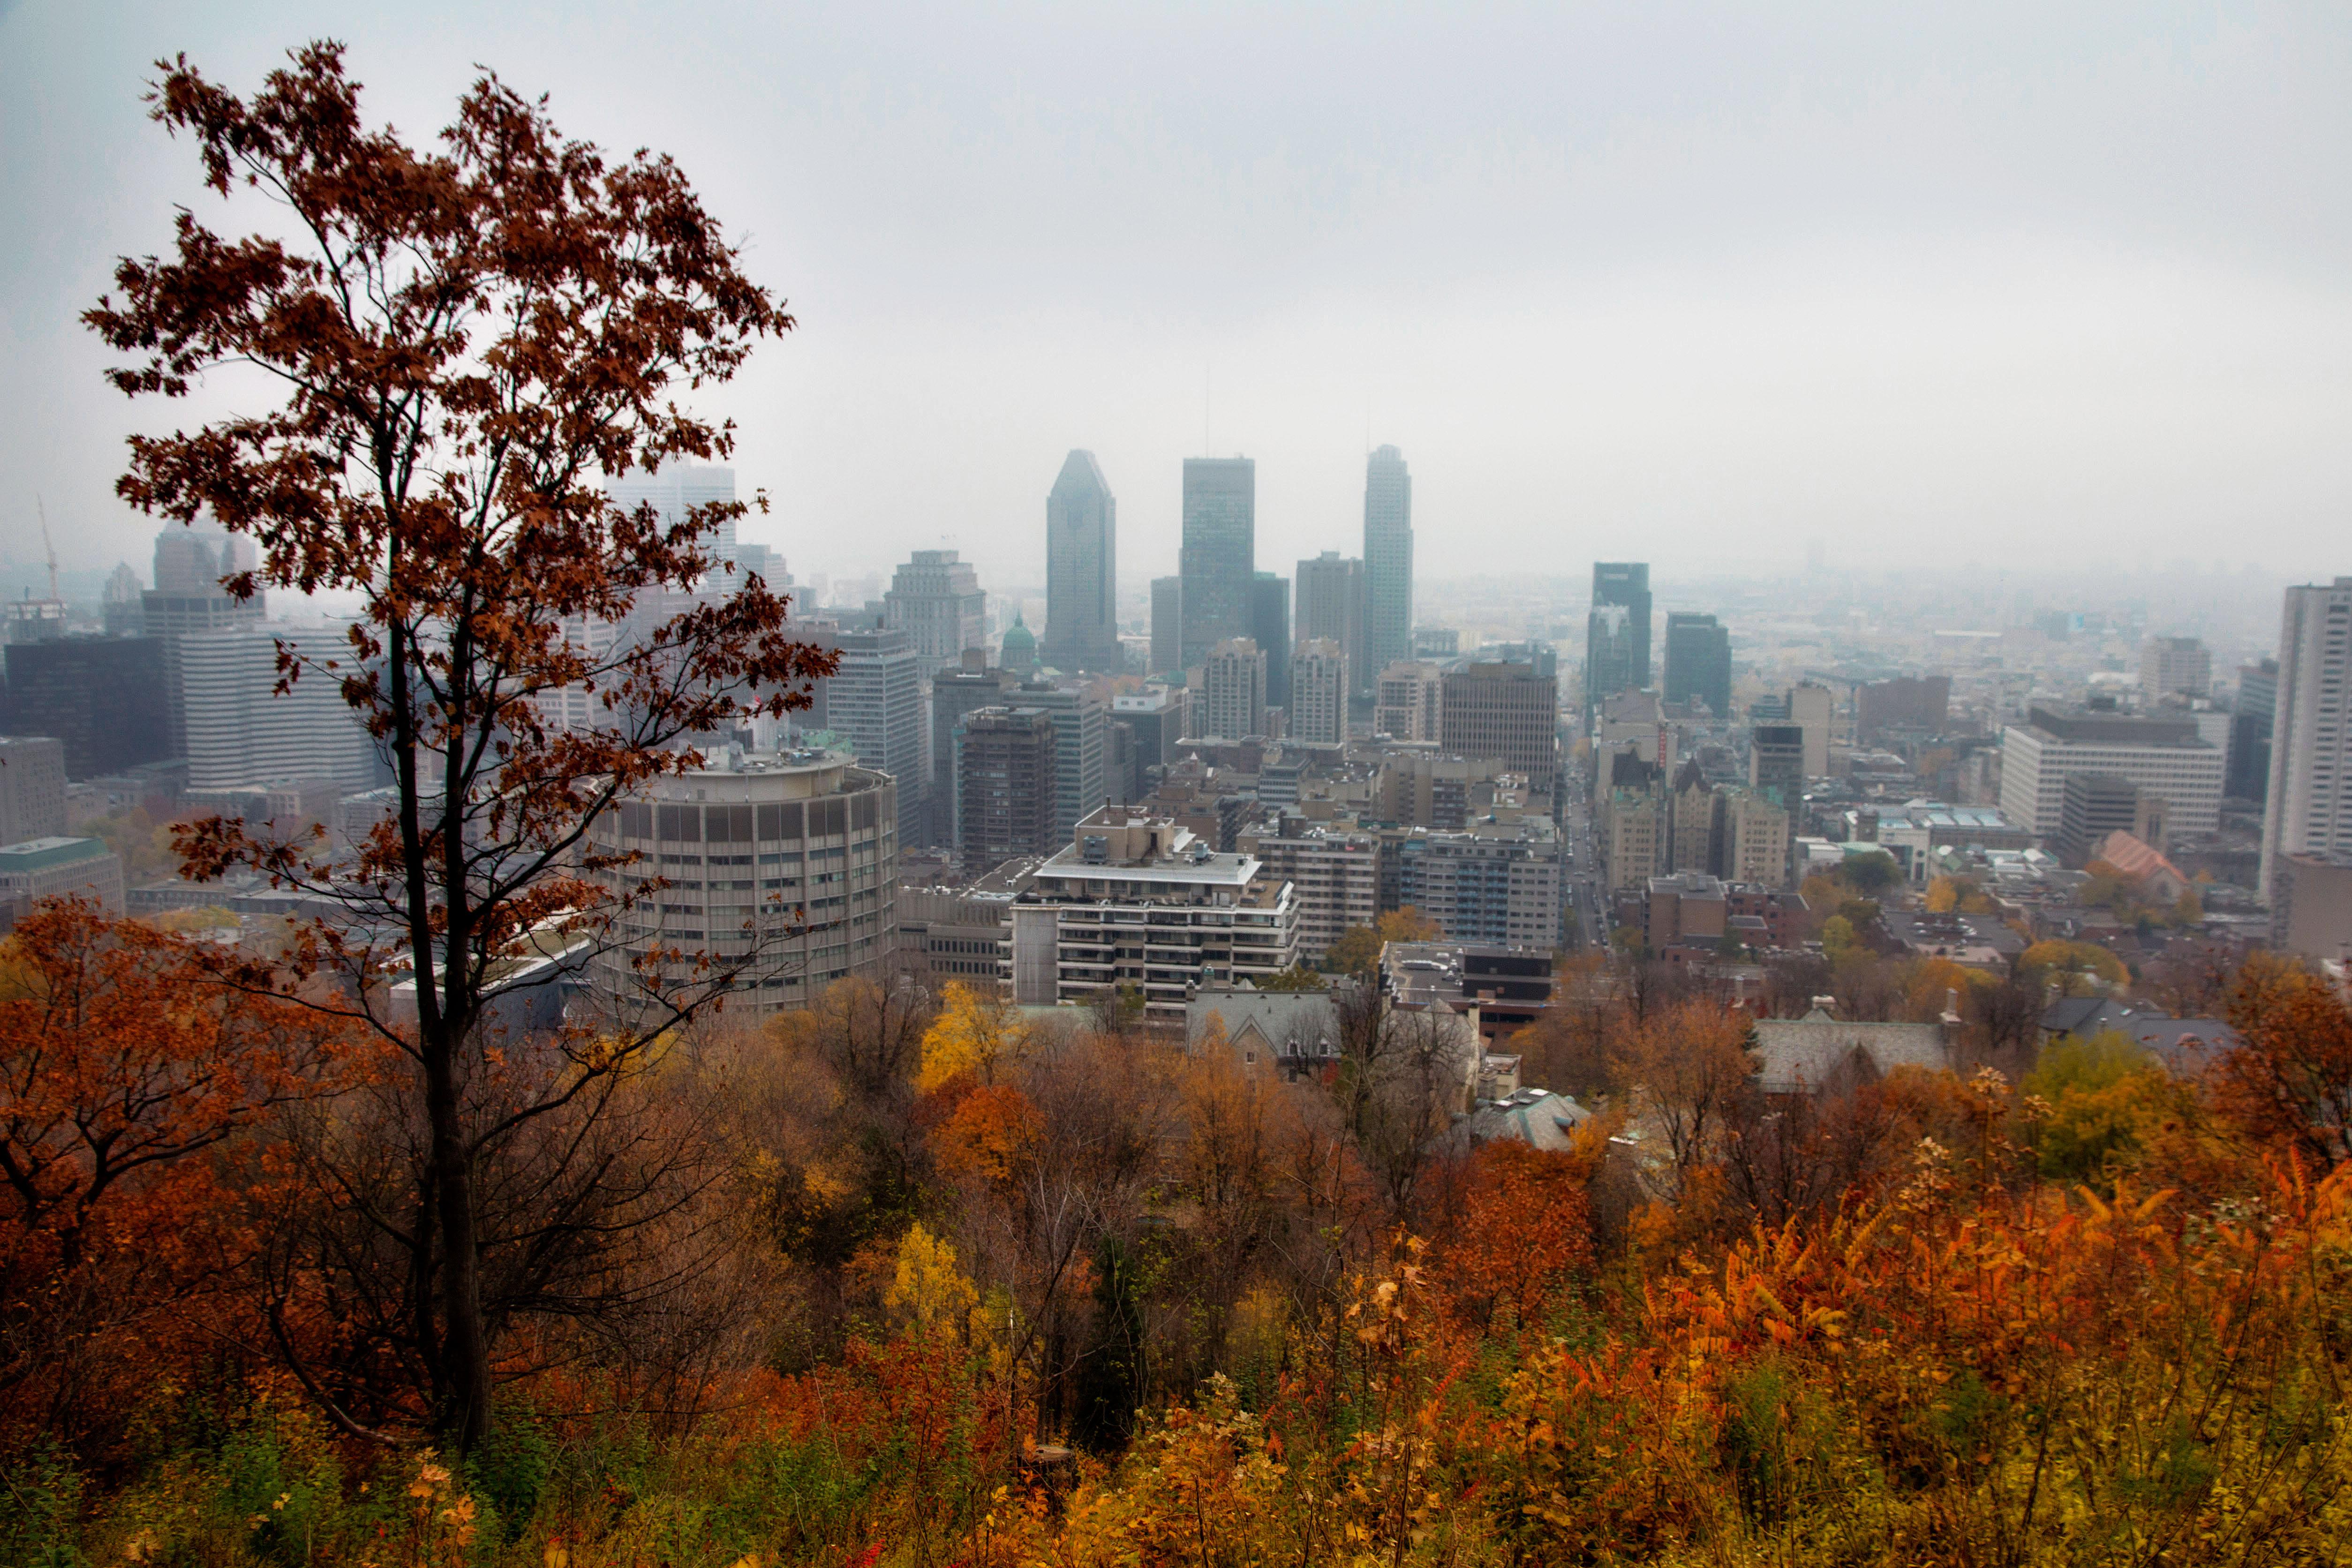 Centro de la ciudad de Montreal, Canadá.